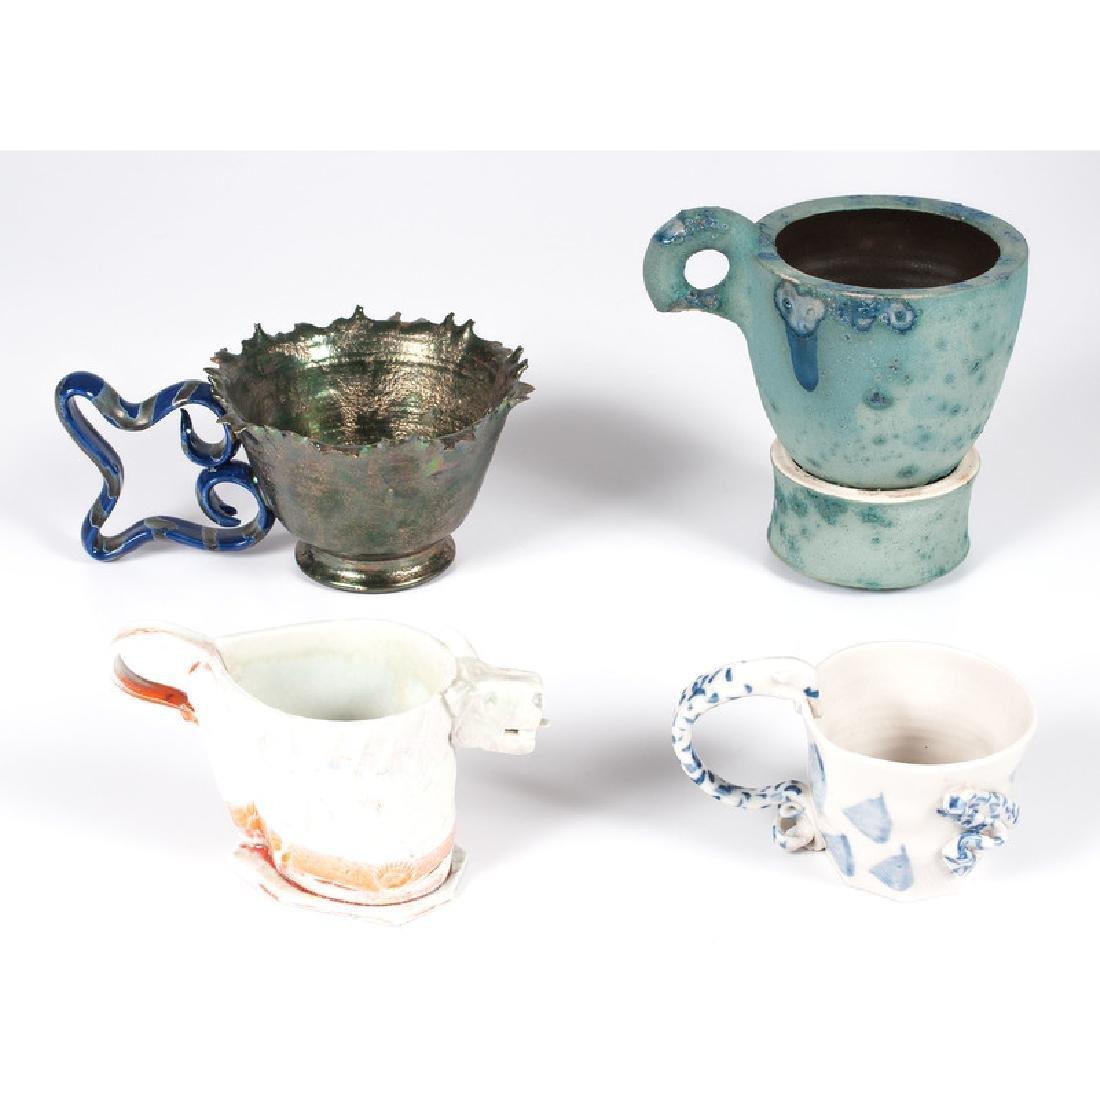 Four Contemporary Ceramic Cups